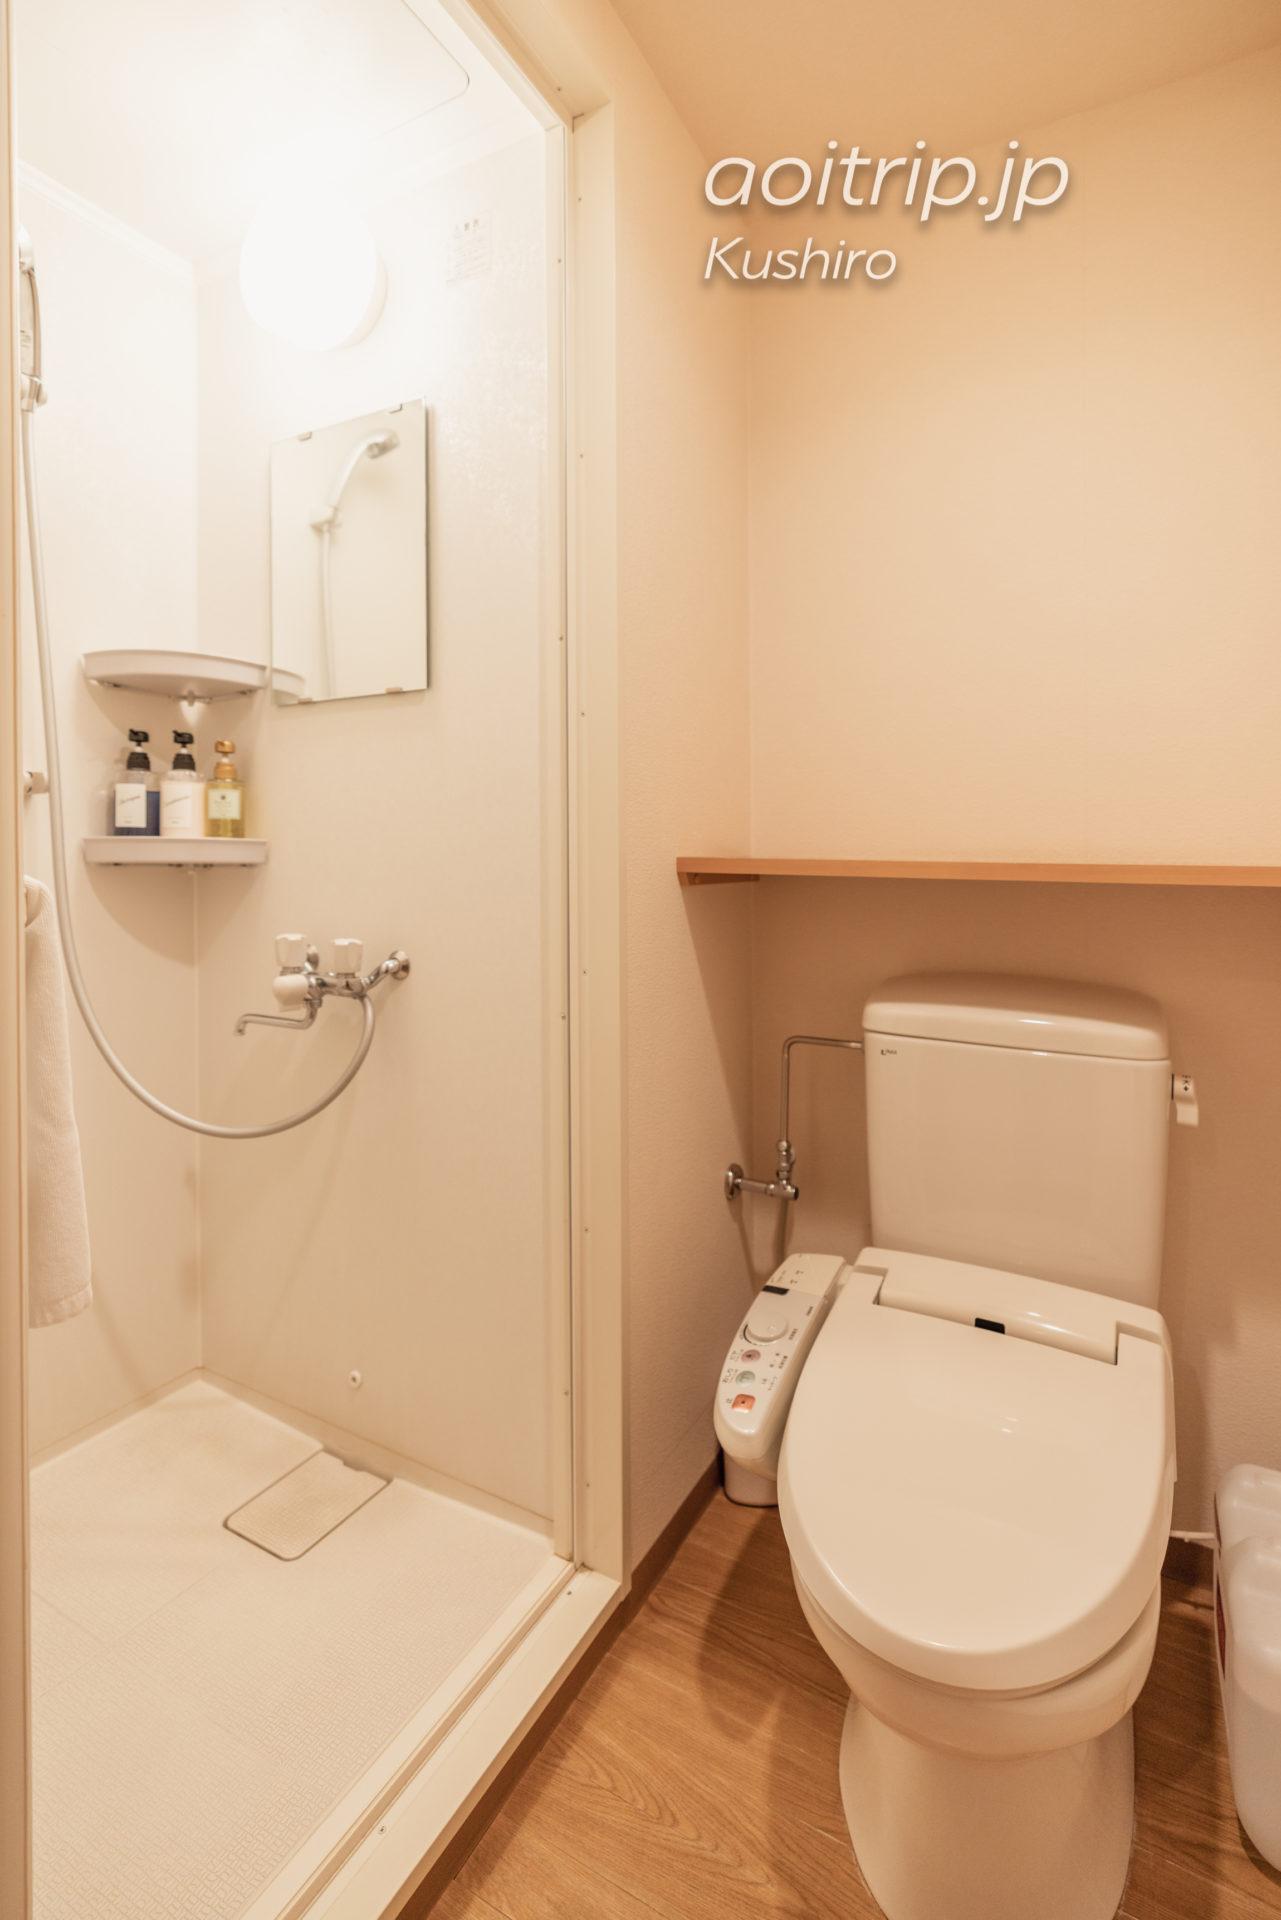 天然温泉 幣舞の湯 ラビスタ釧路川 宿泊記|La Vista Kushirogawa トイレ